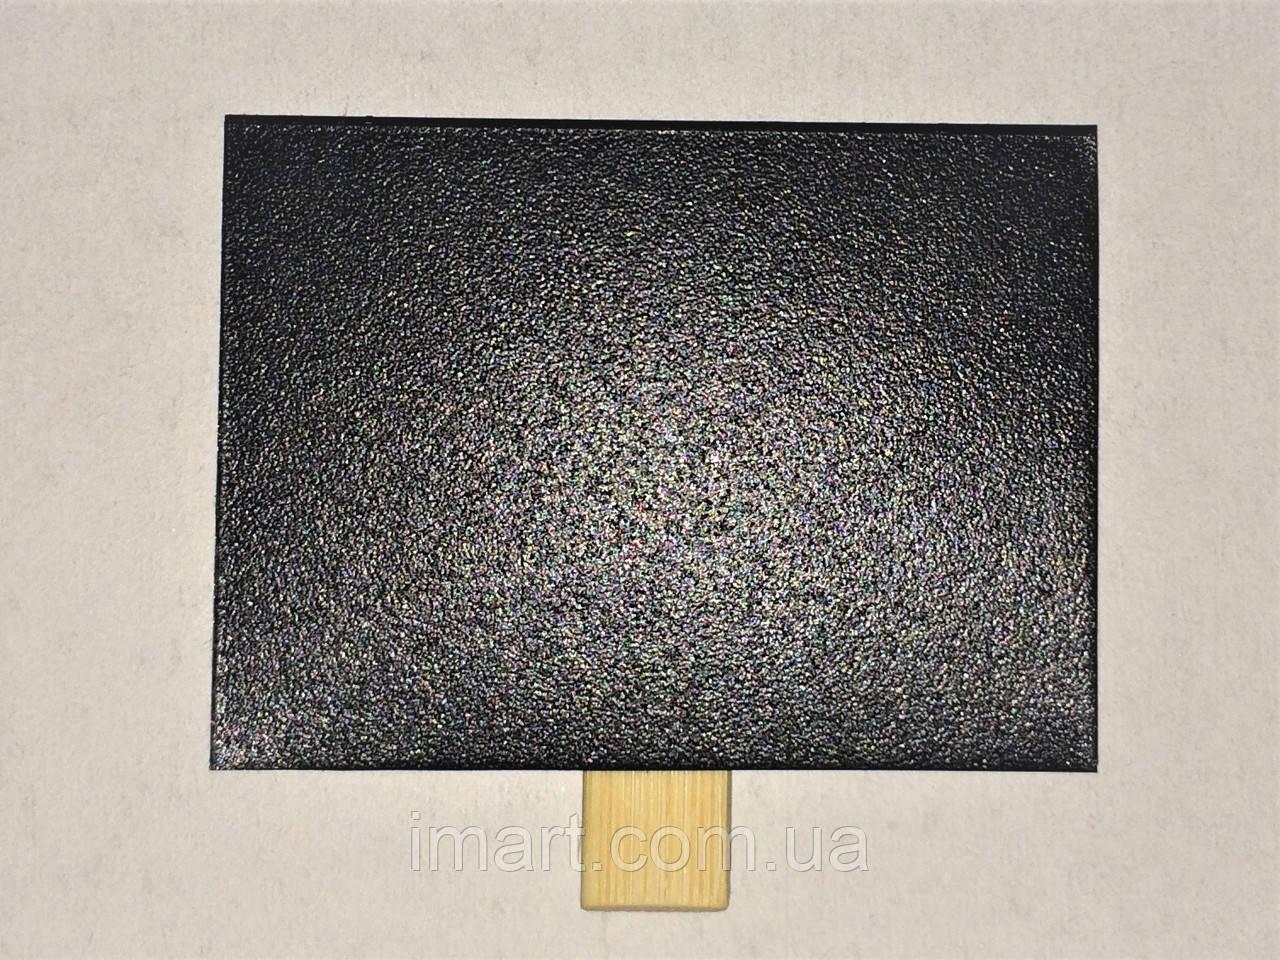 Ценник меловой 5х7 см на прищепке для надписей мелом и маркером. Грифельная табличка с прищепкой